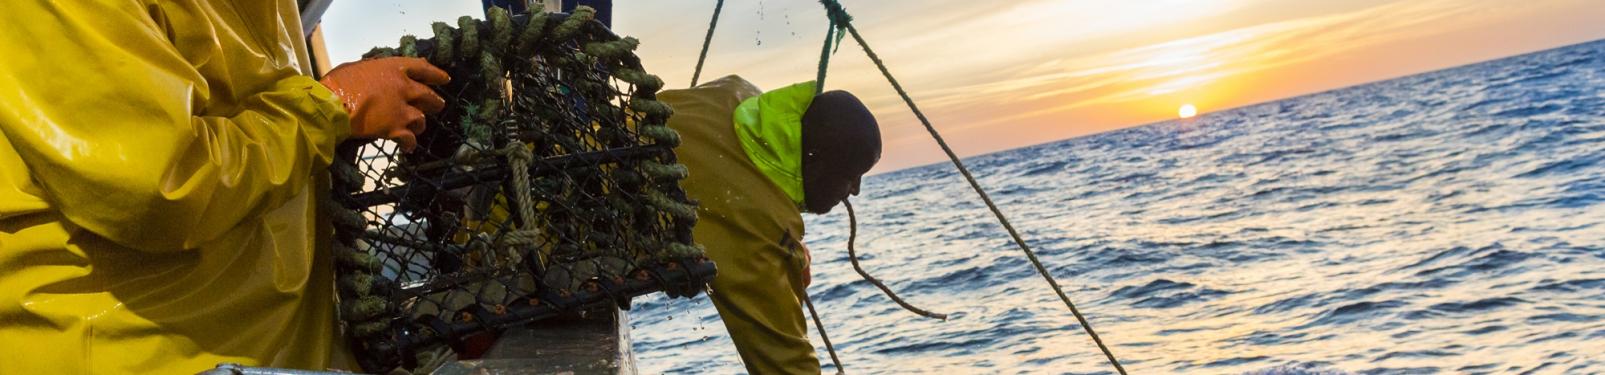 La pêche, une activité traditionelle en Côtes d'Armor